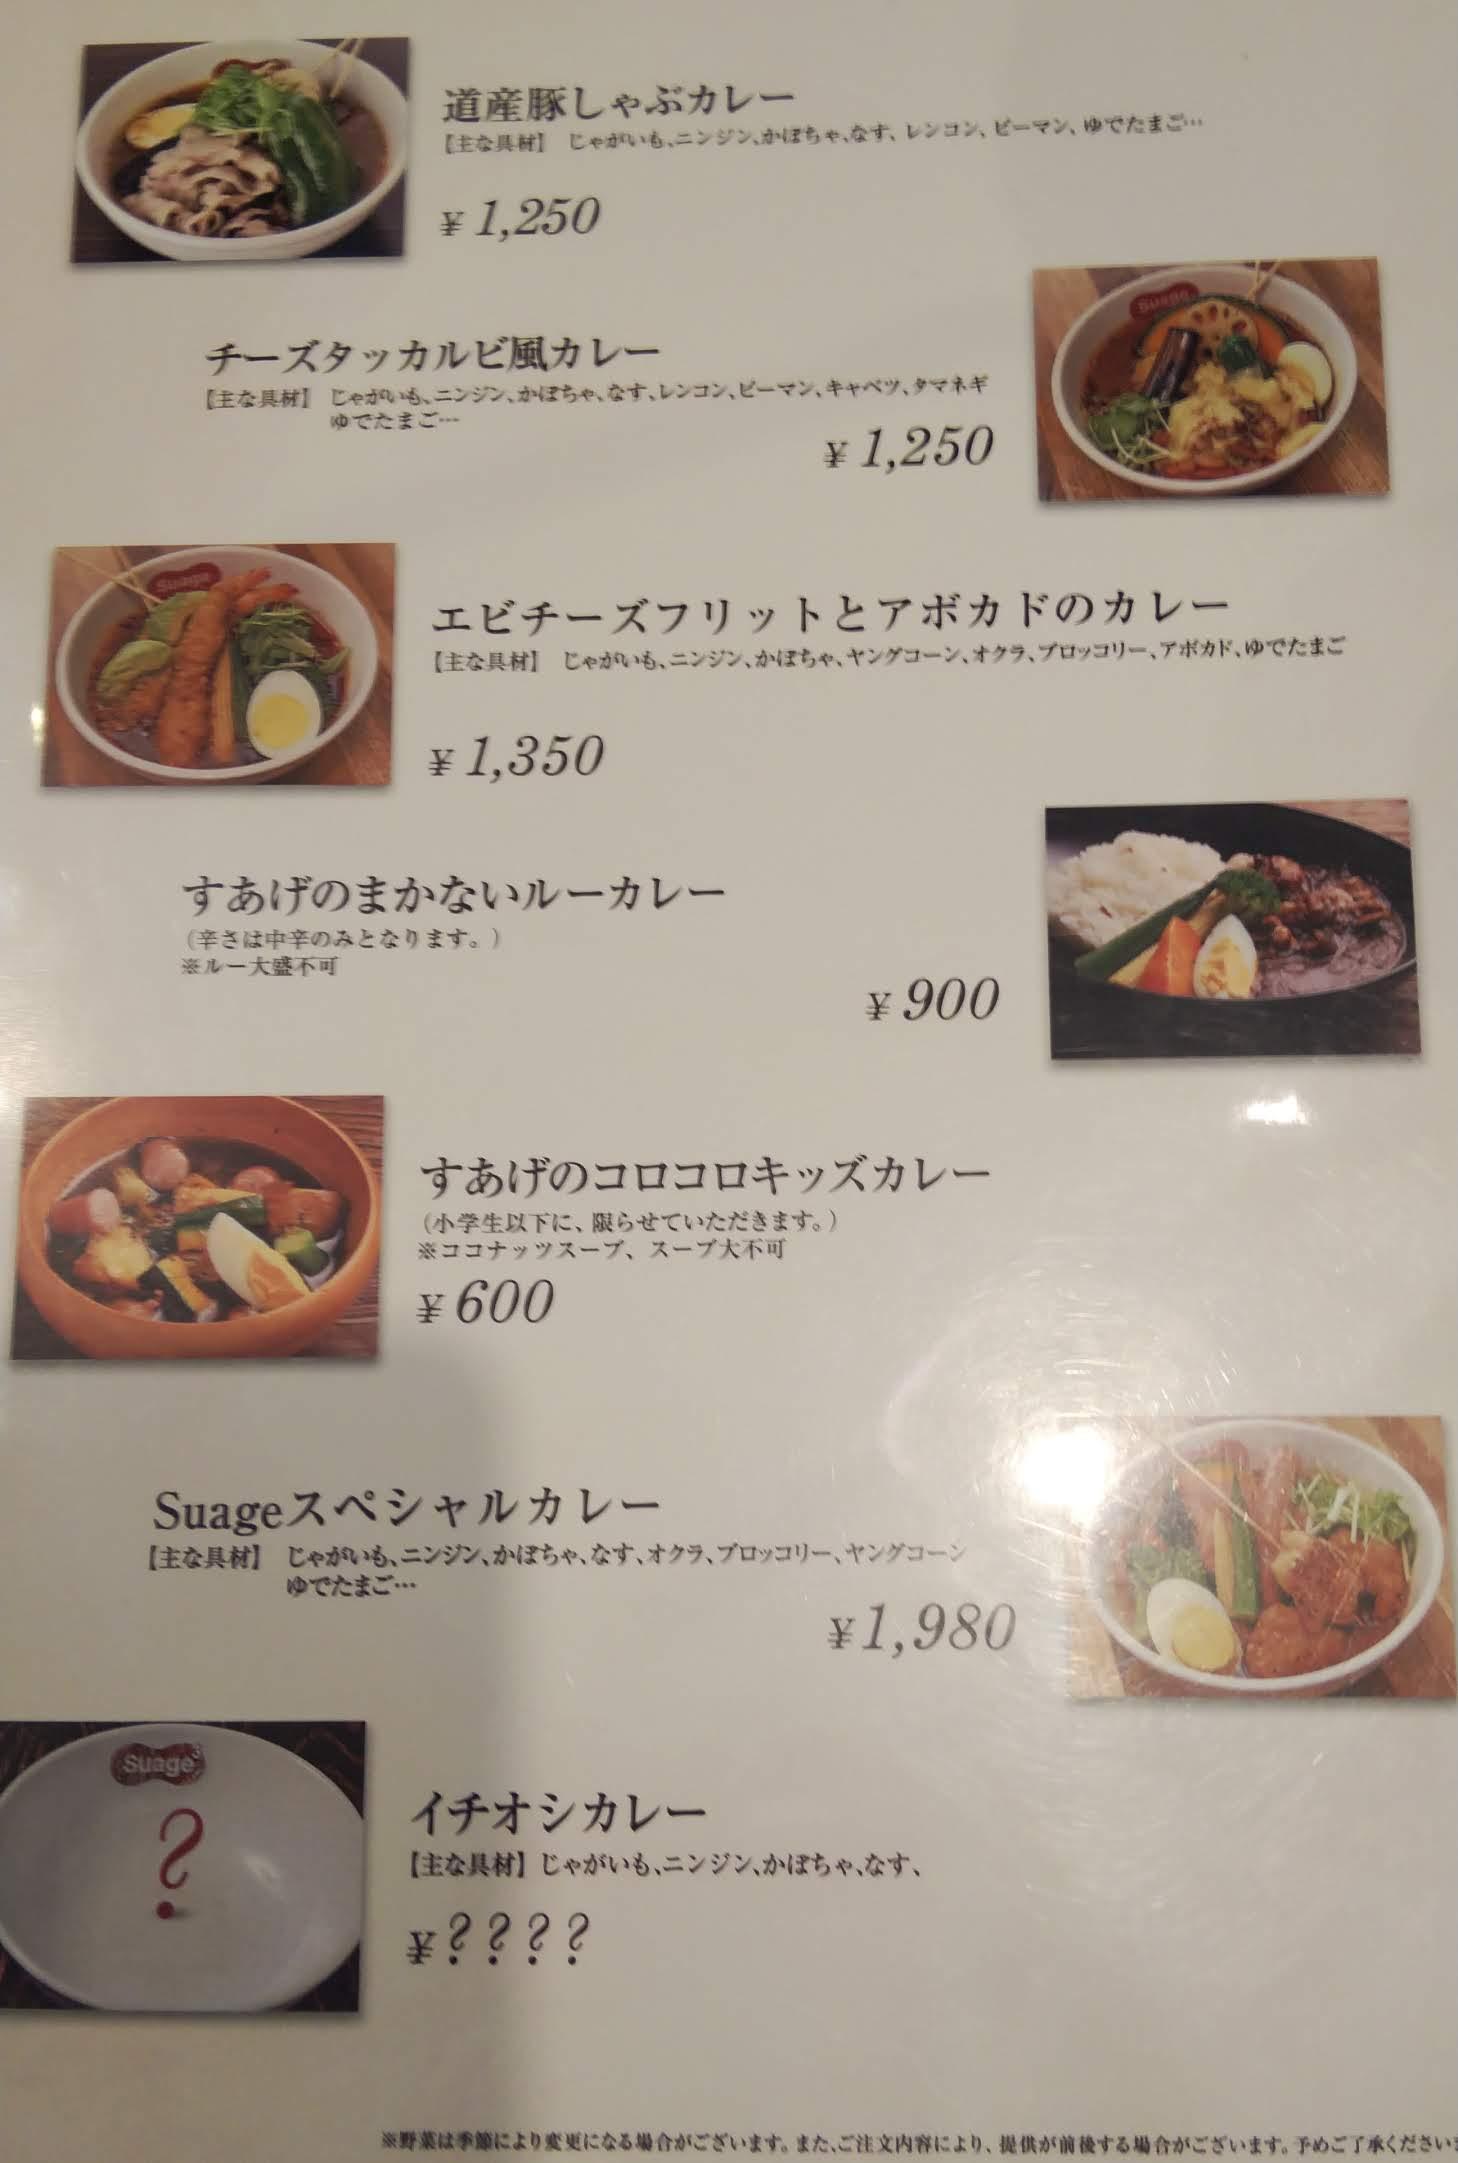 スープカレーのメニュー表右側